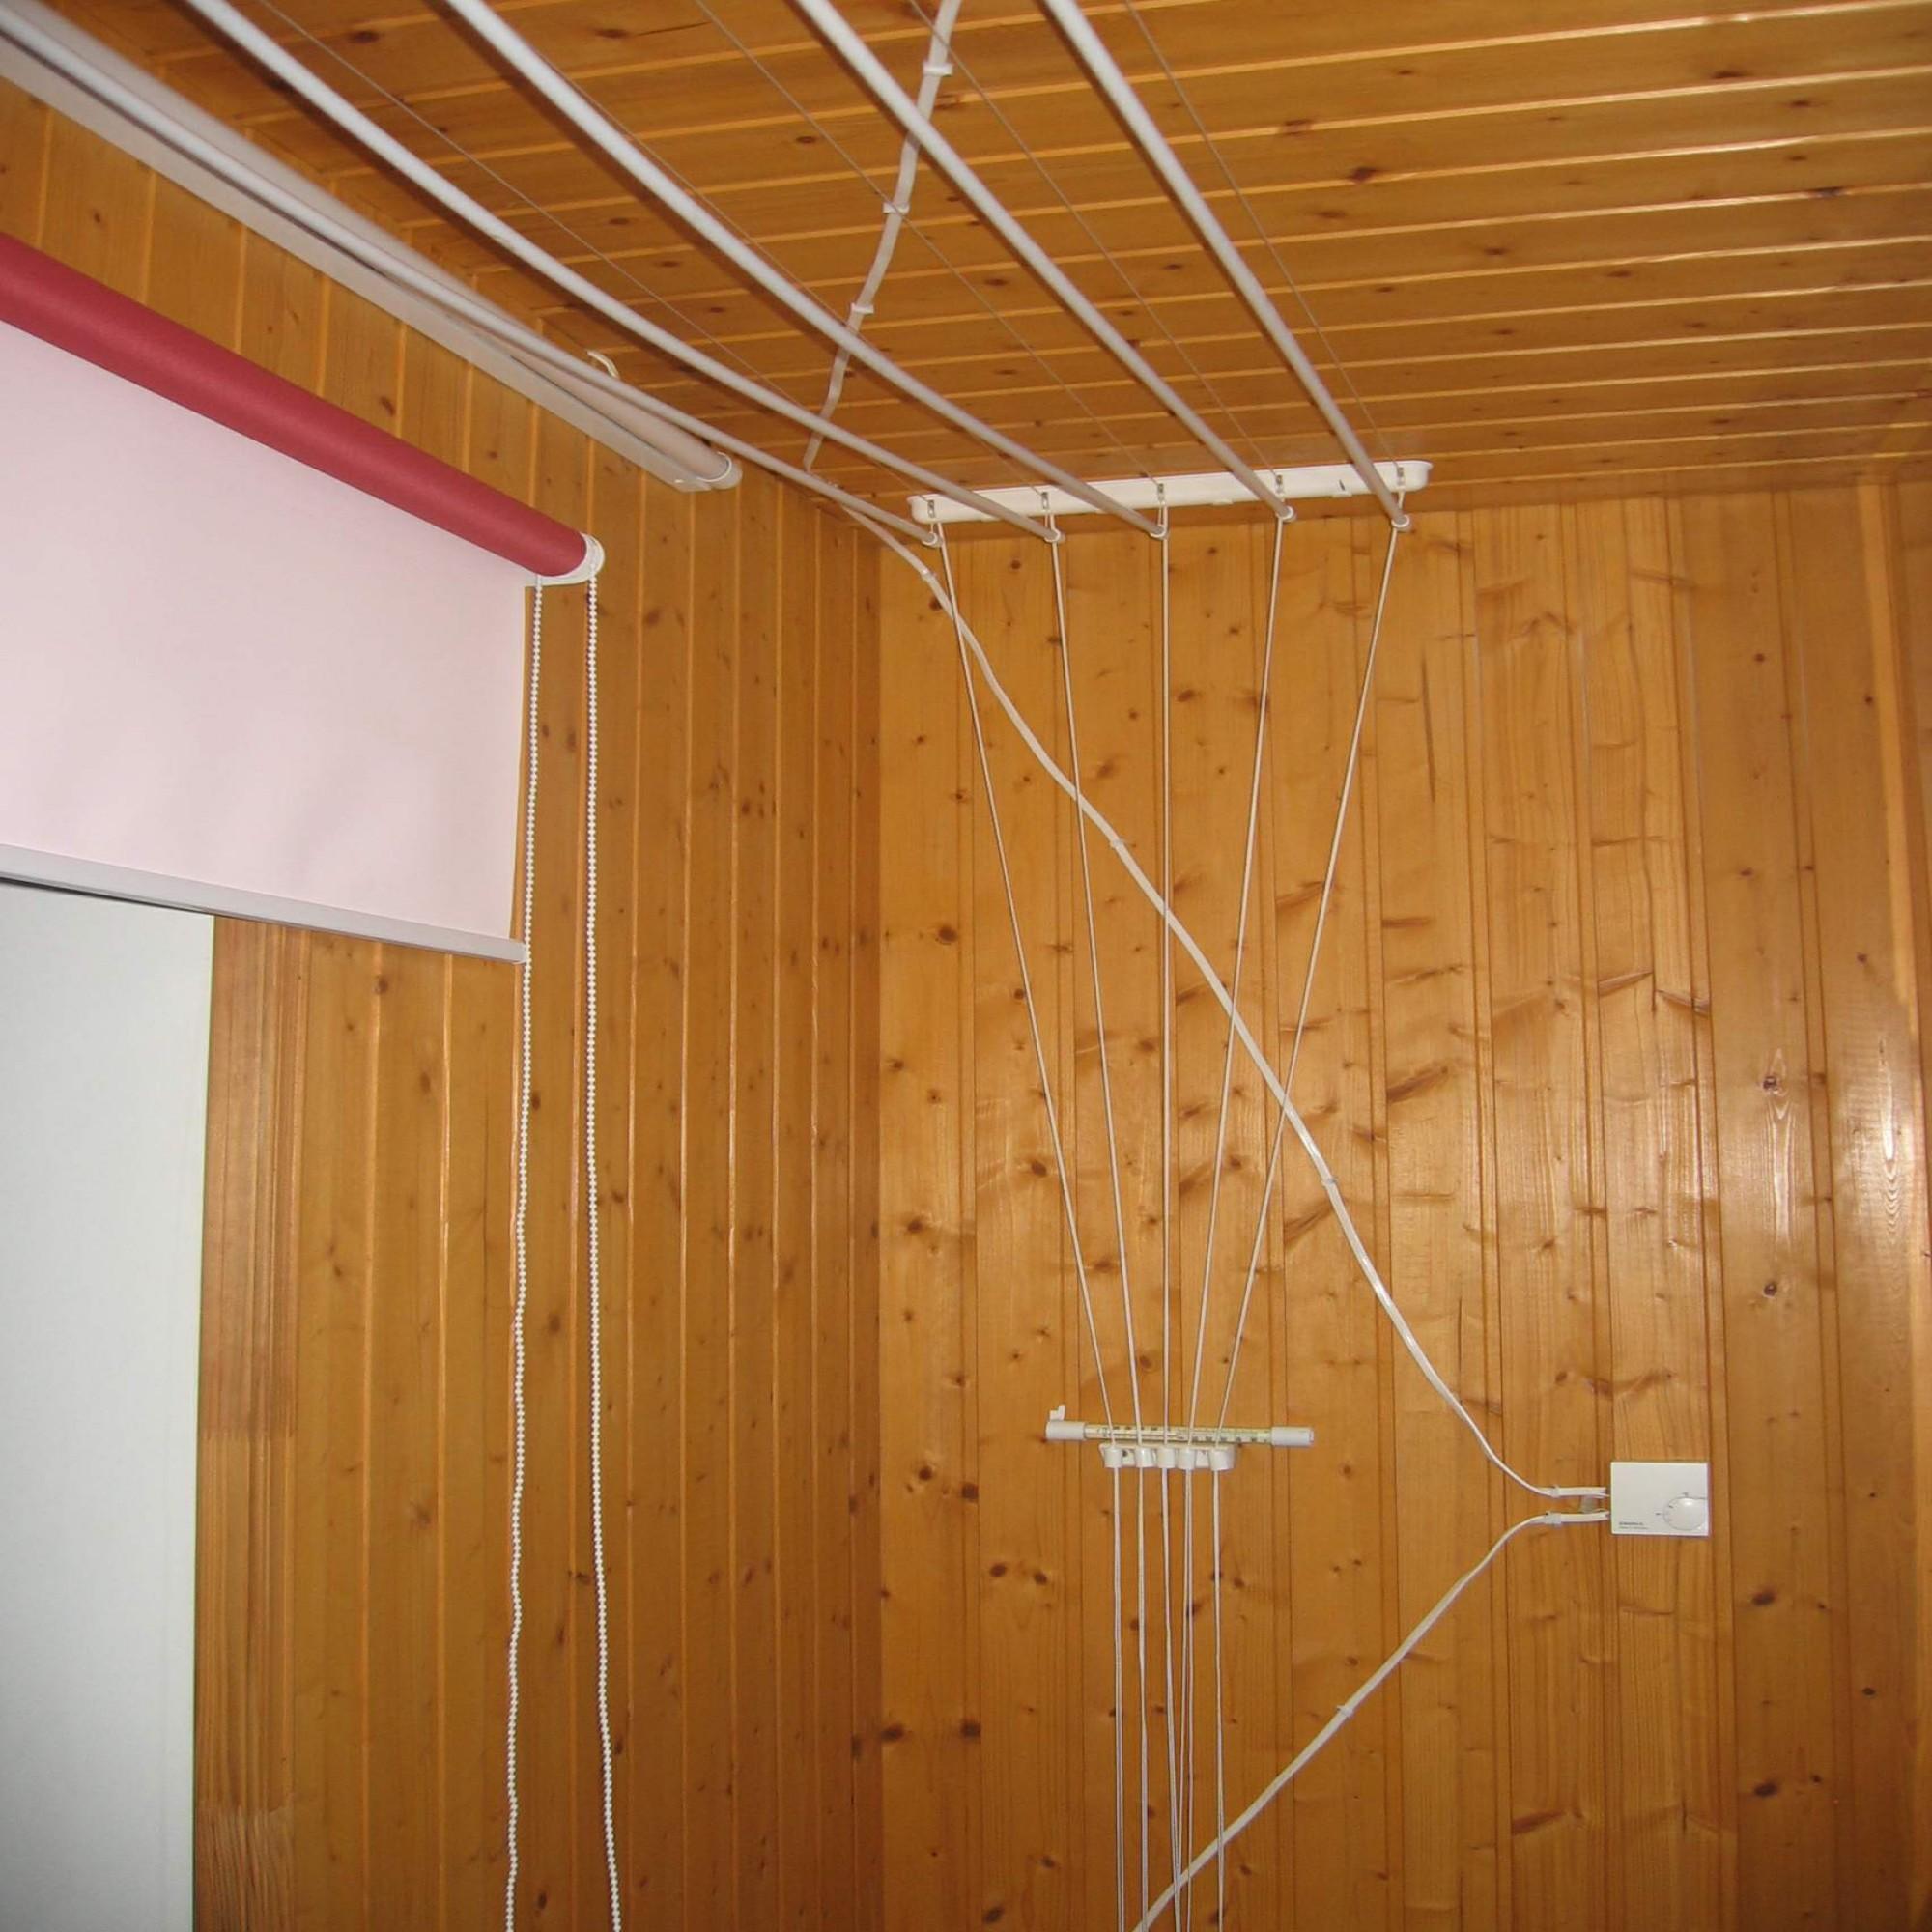 Балконные вешалки для сушки белья на балконе.